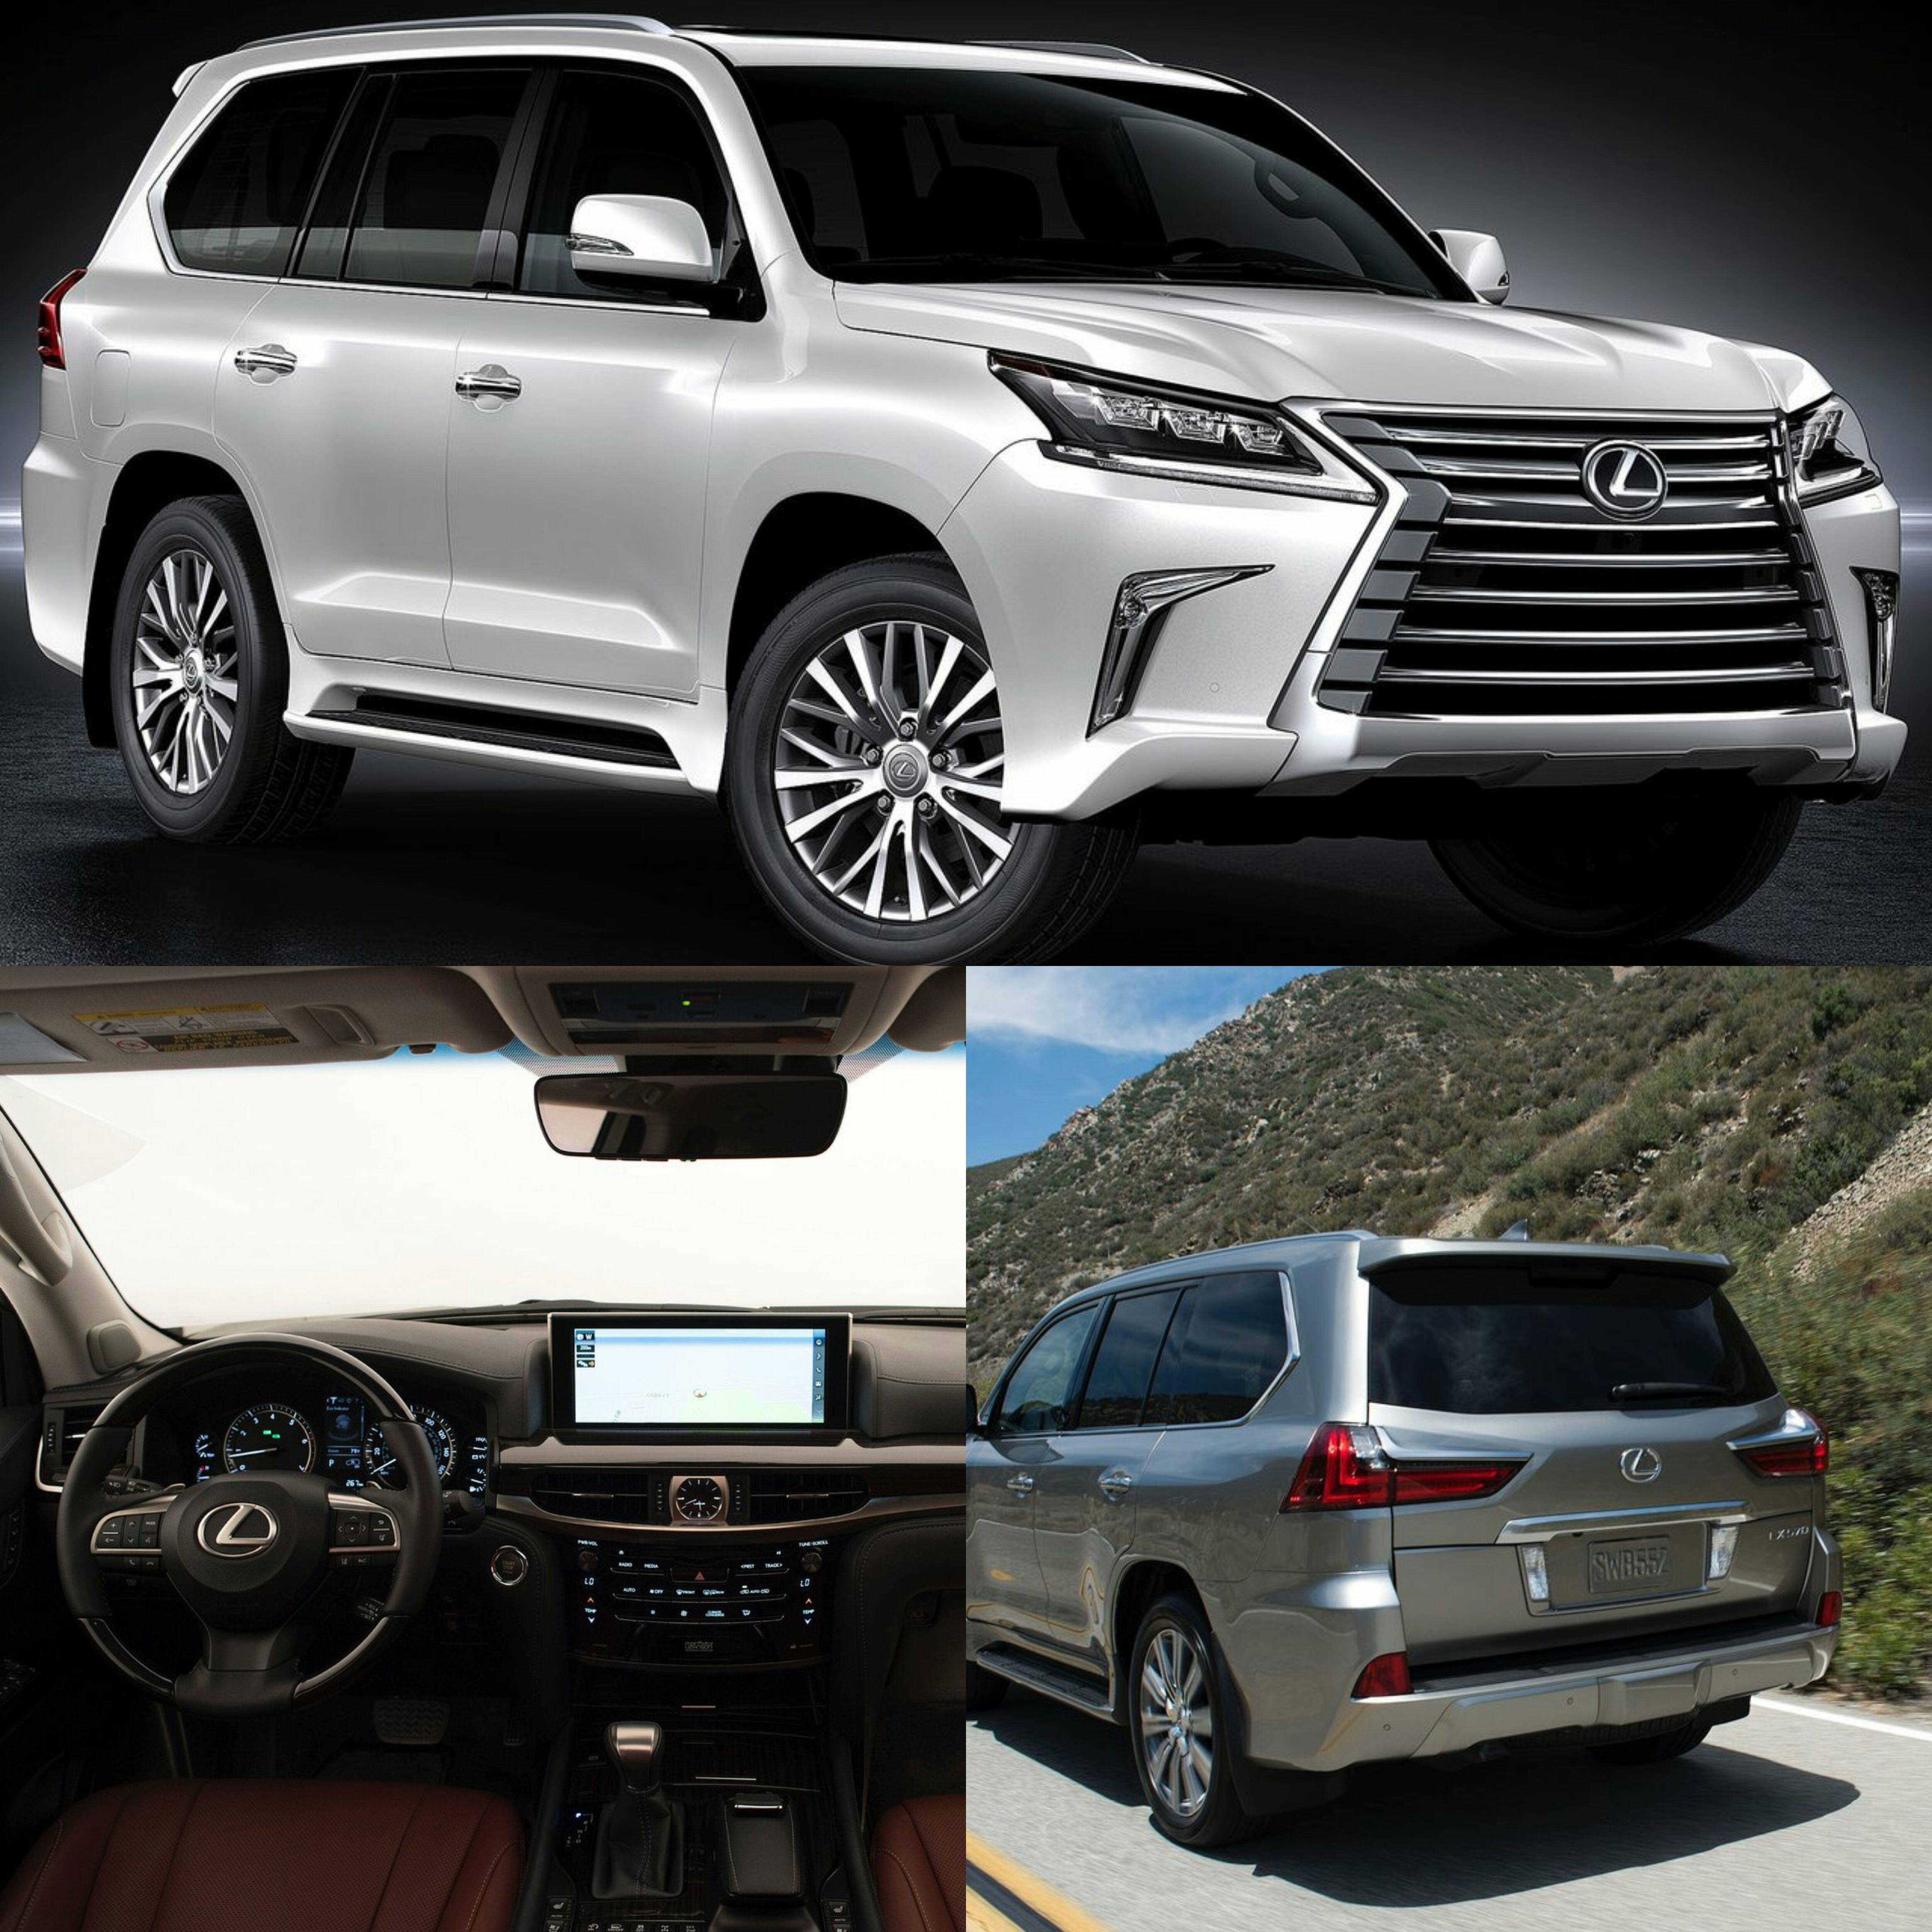 Lexus Cars, Luxury Cars, Car